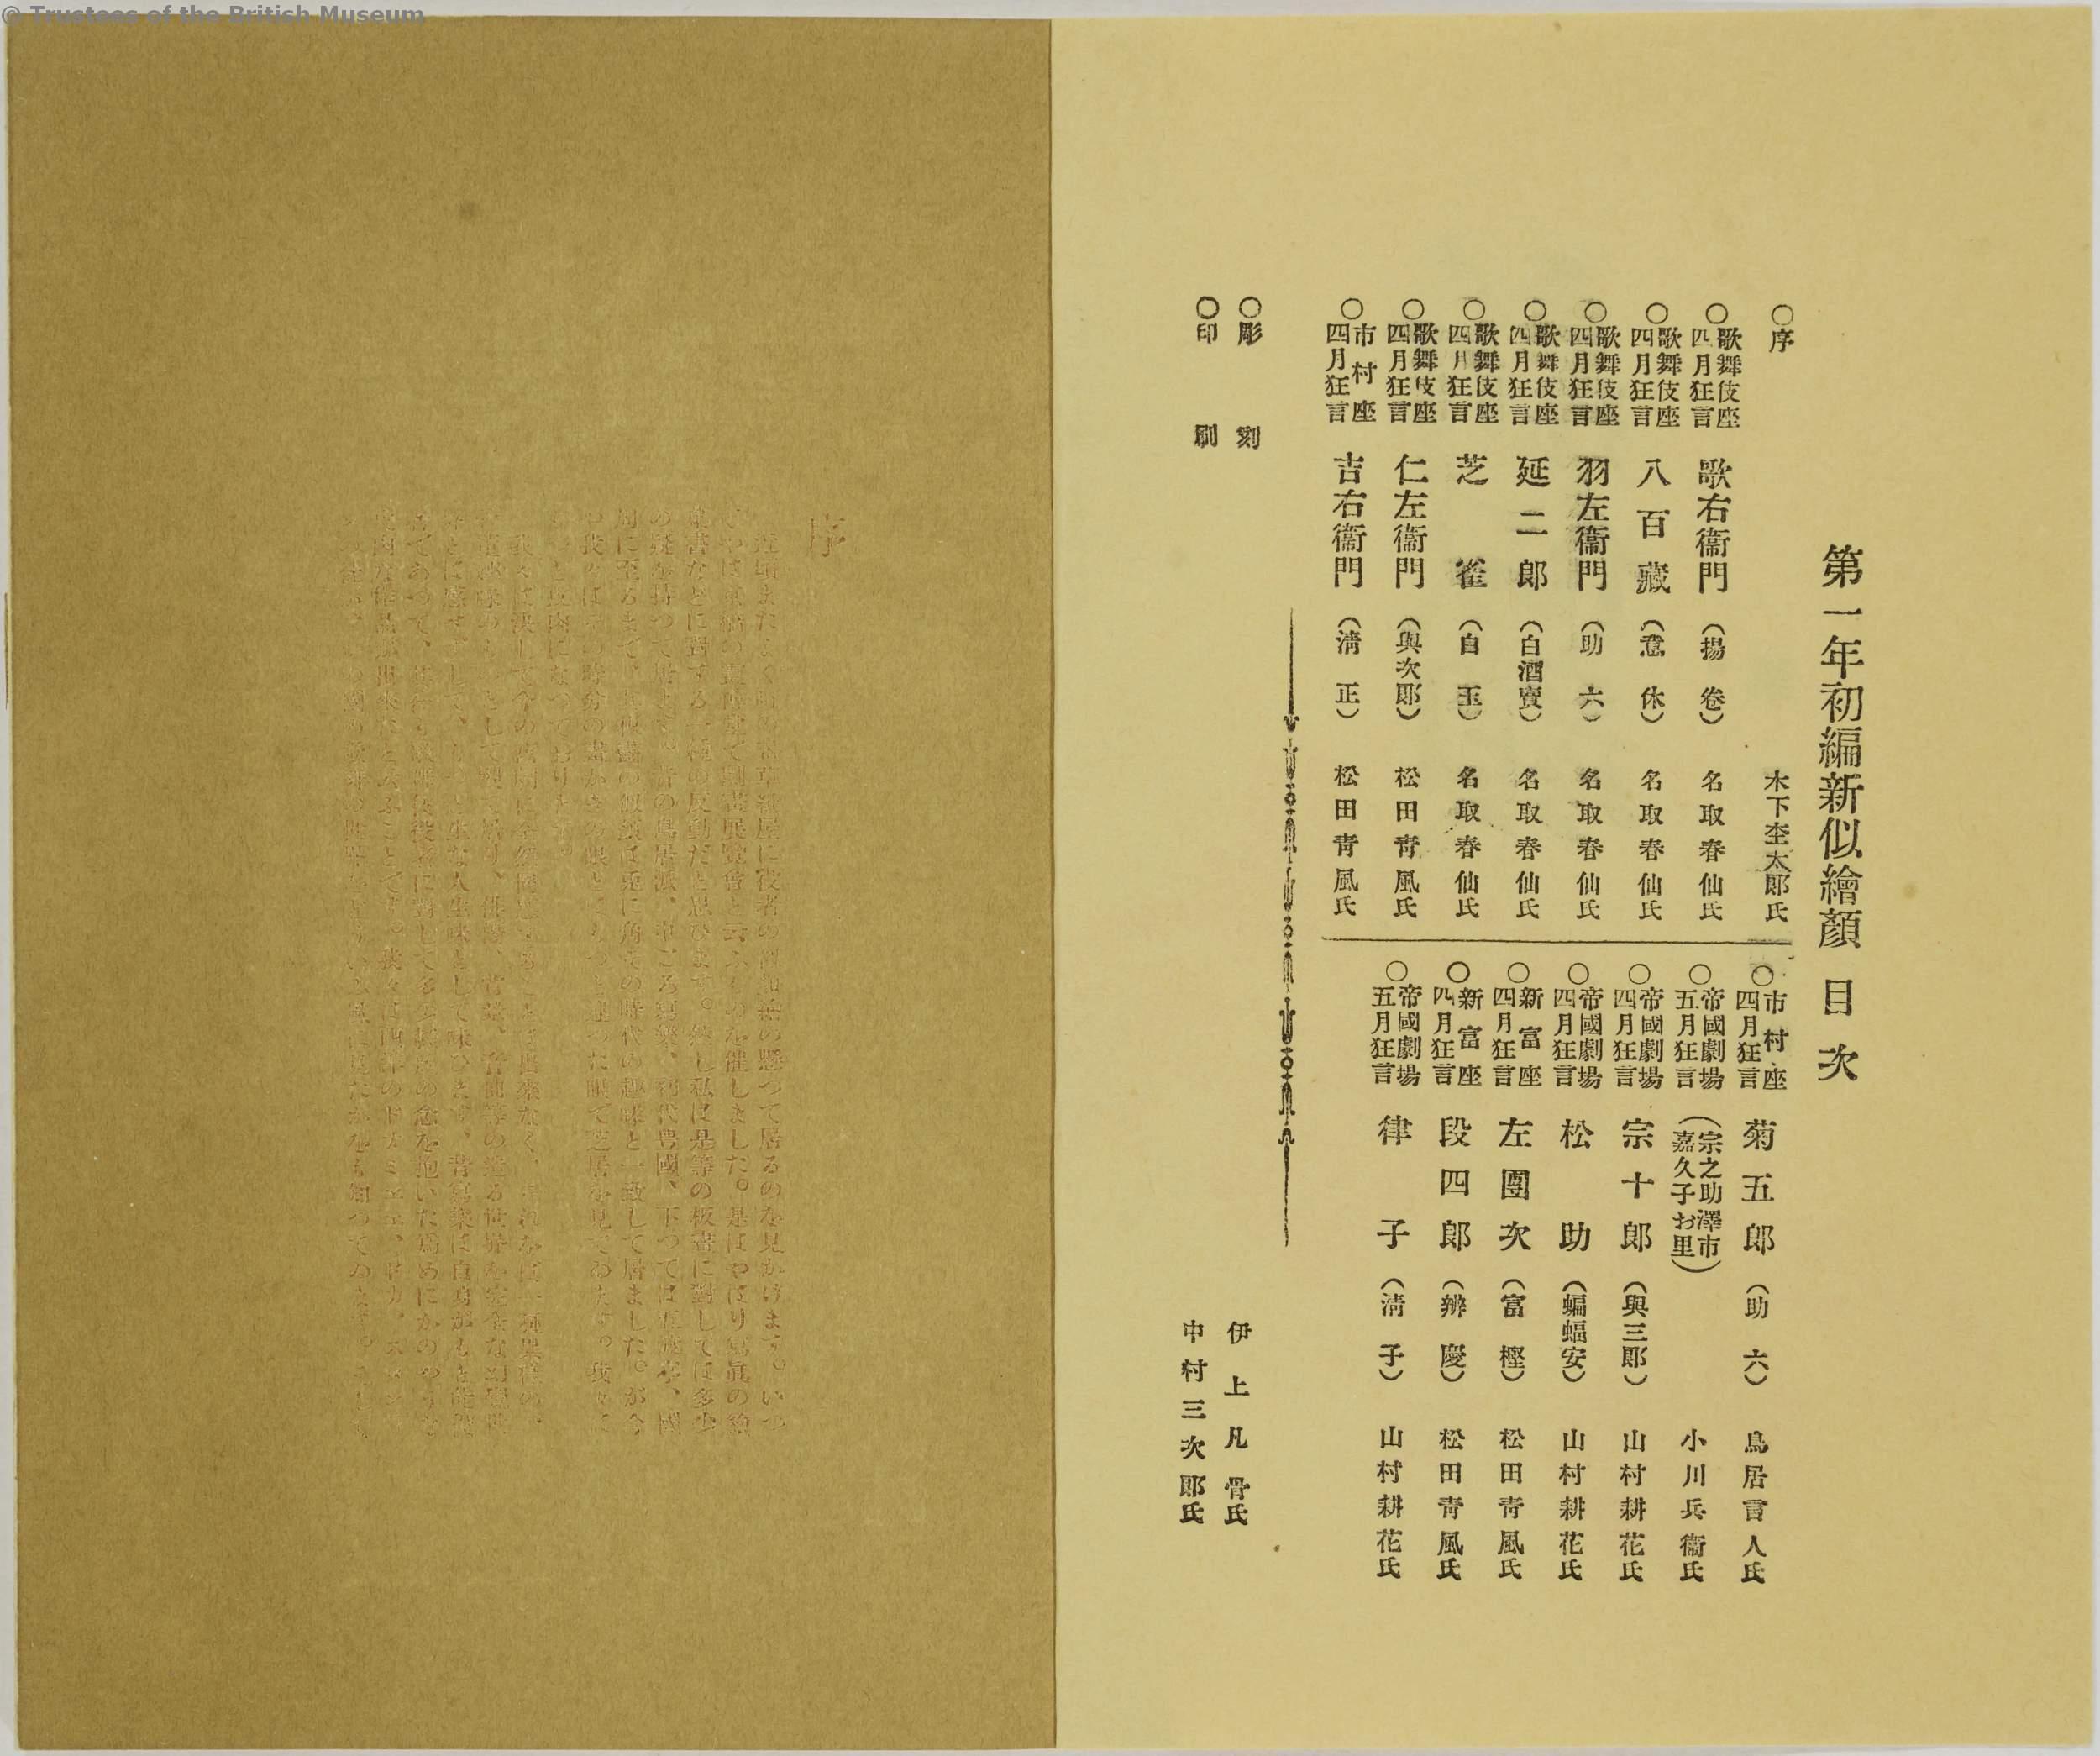 BM-SJ193-01 Authorization 画像認証へ